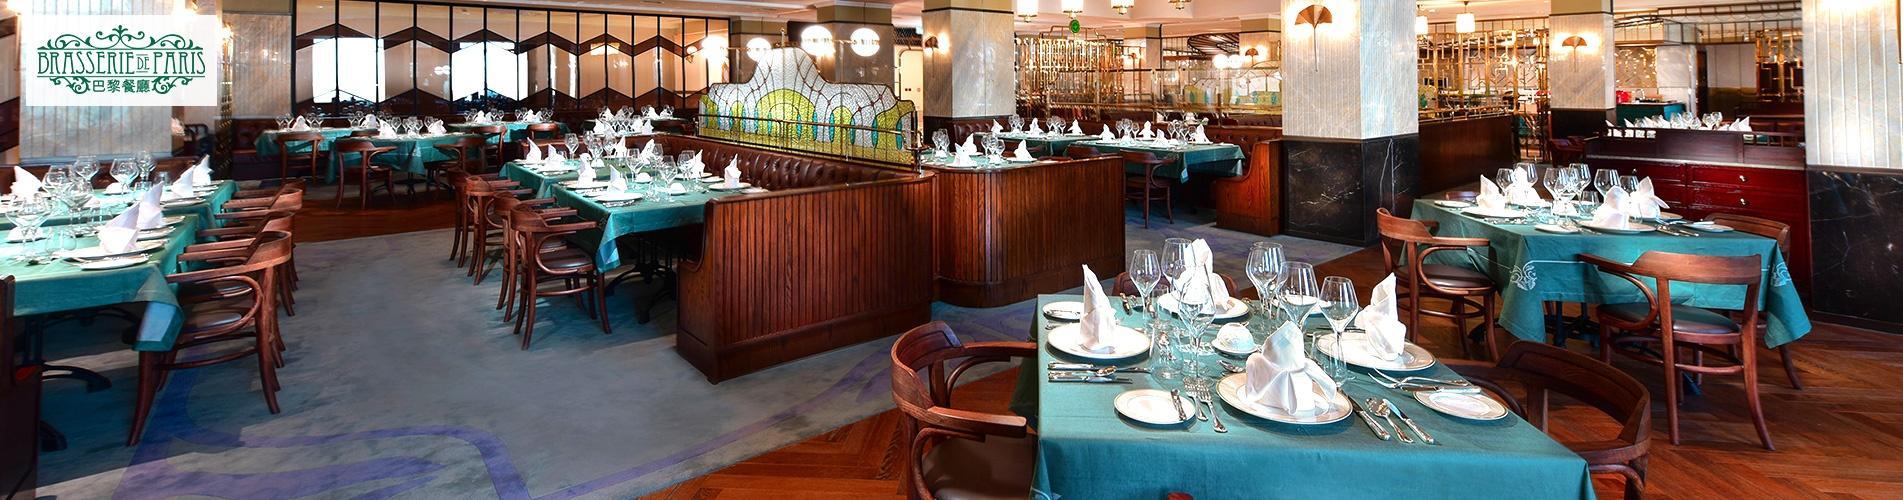 澳門勵宮酒店巴黎餐廳自助餐